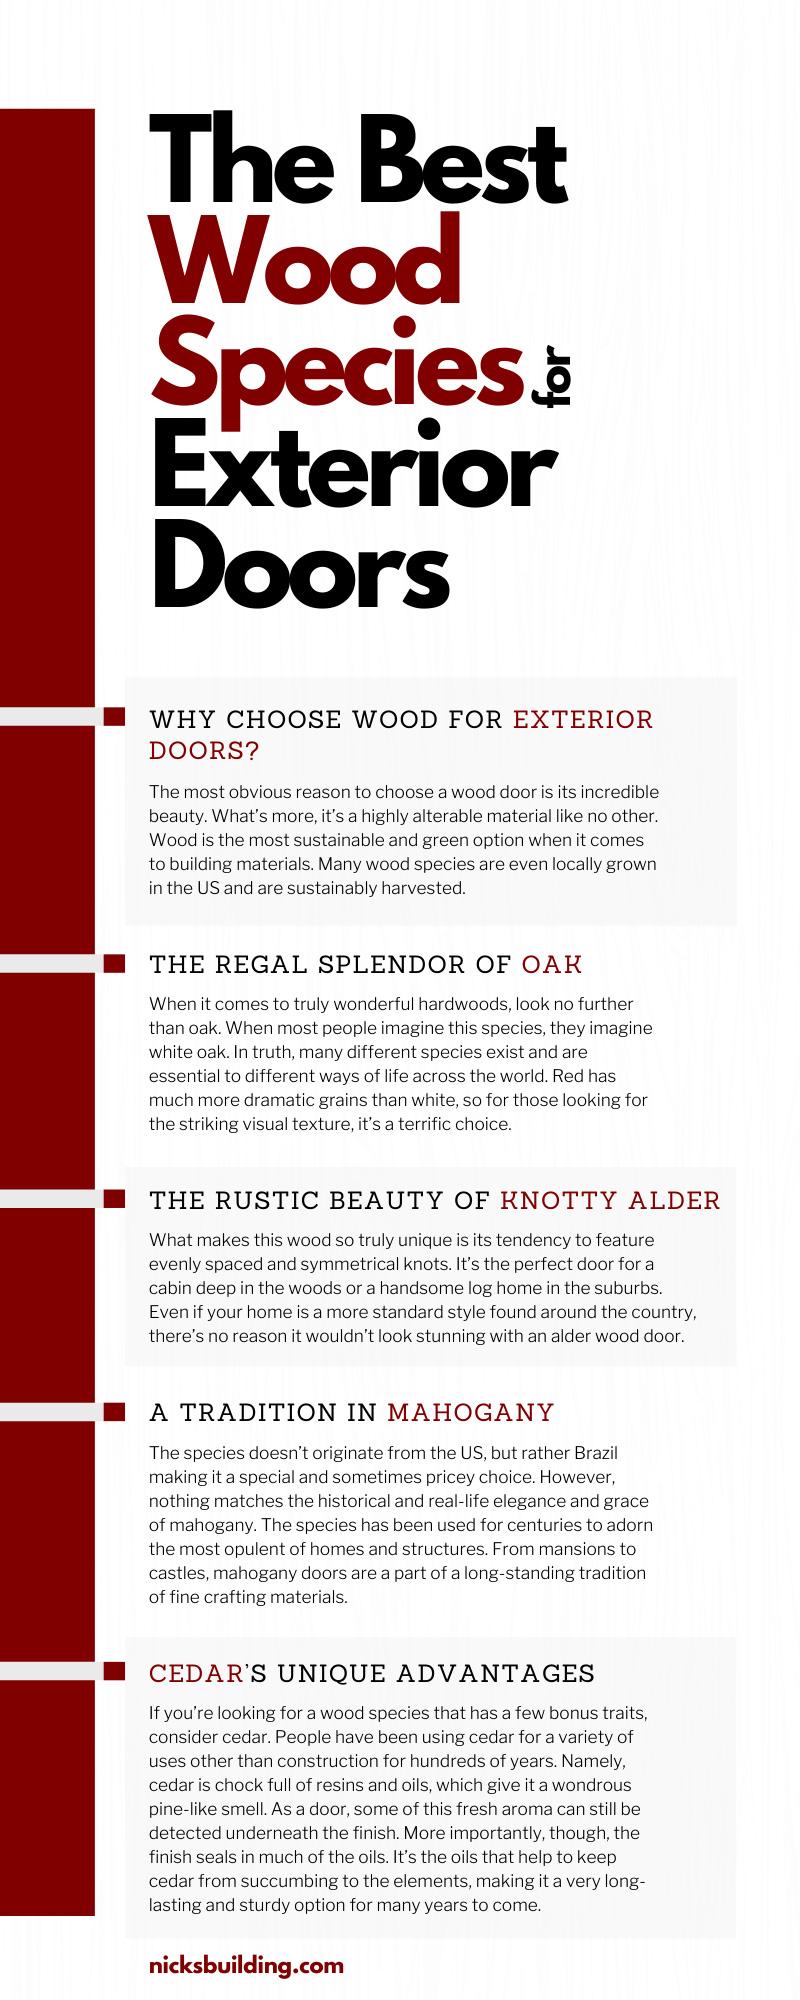 The Best Wood Species for Exterior Doors